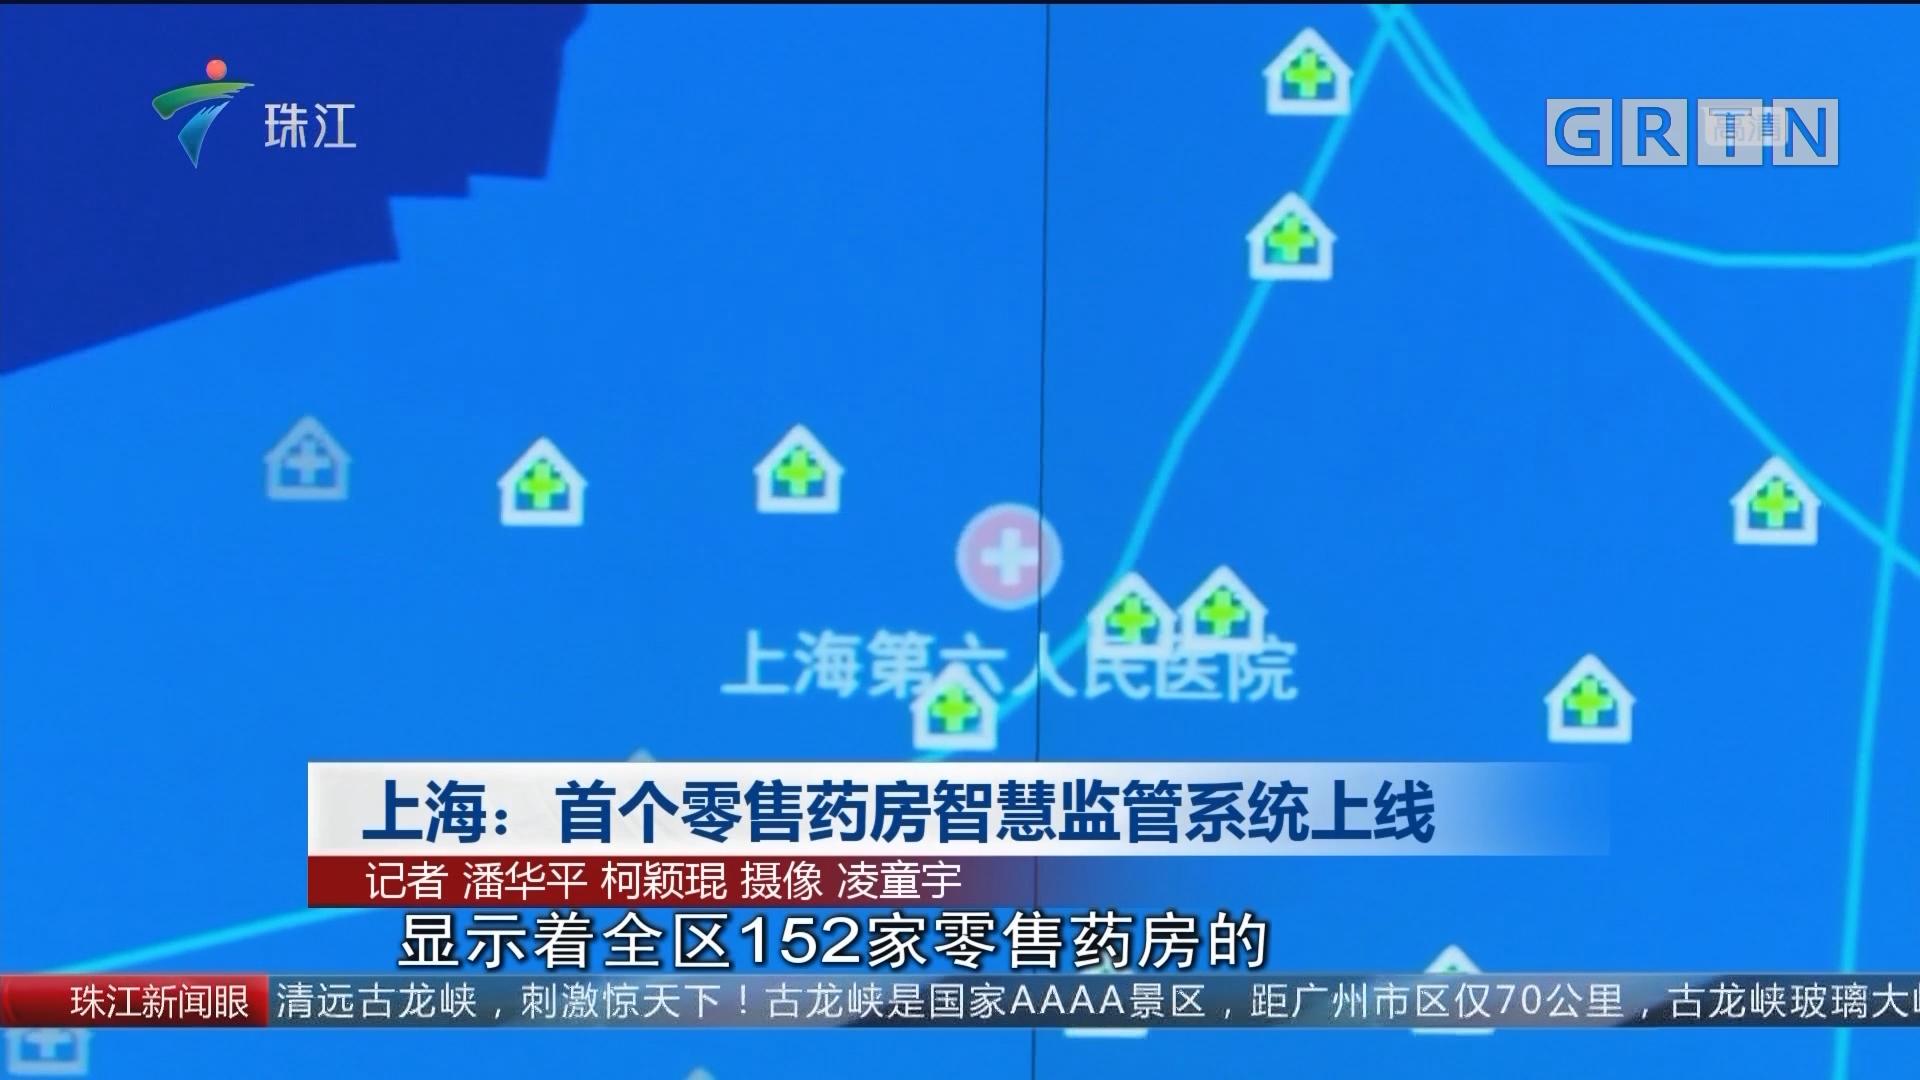 上海:首個零售藥房智慧監管系統上線